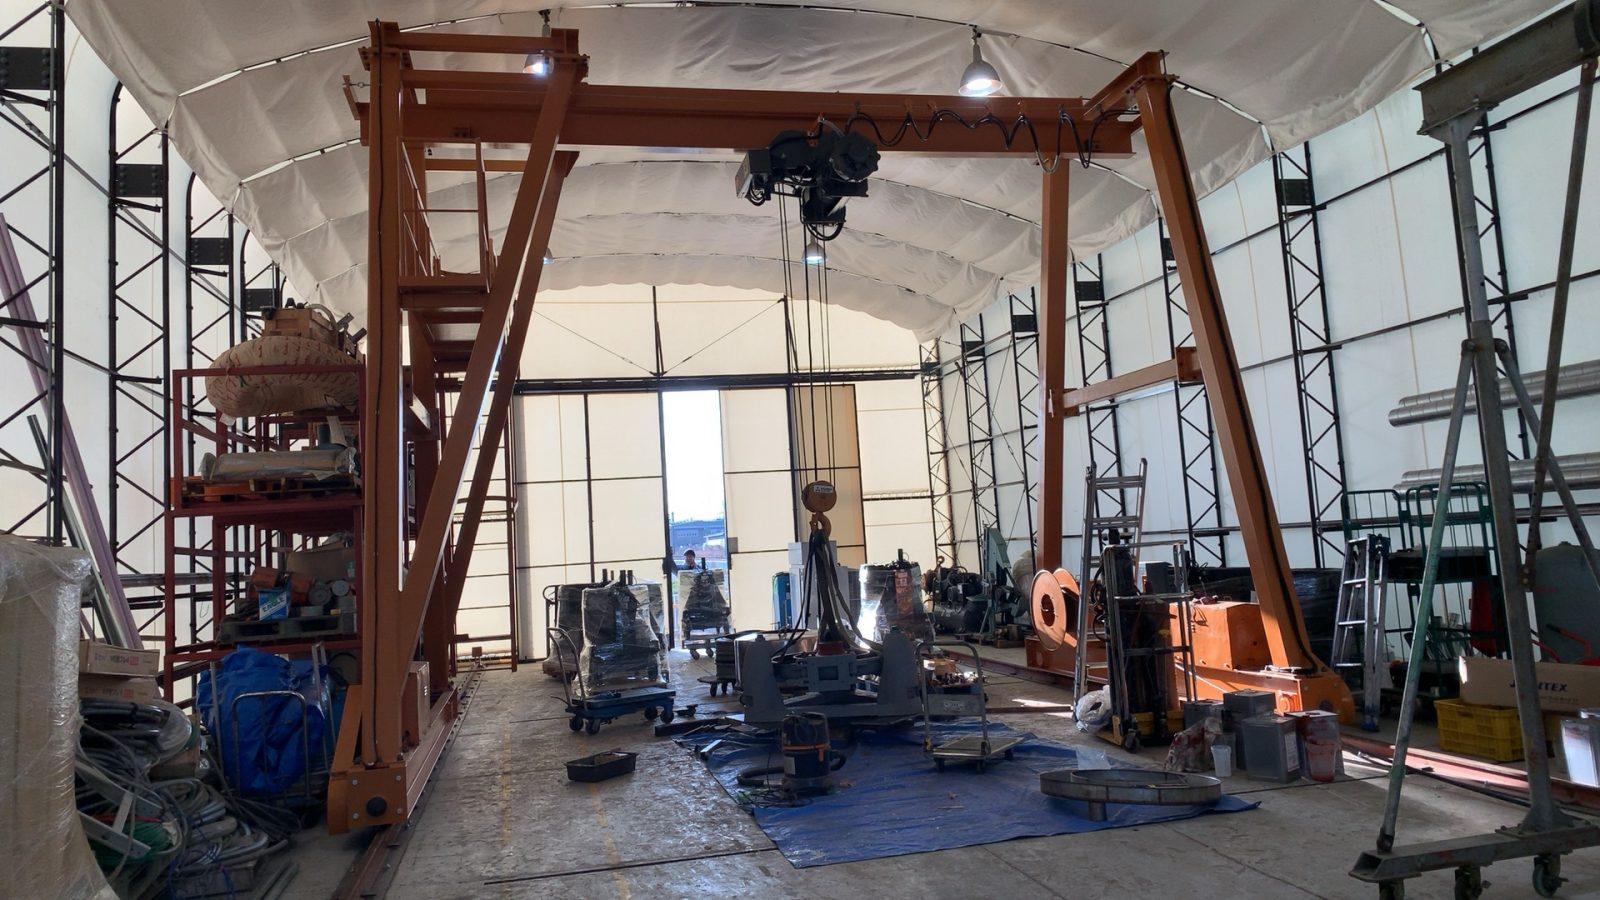 脱水機をシュウワエンジニアリングの工場に搬入した際の写真です。大型クレーンで吊り上げ、工場内部に移動します。